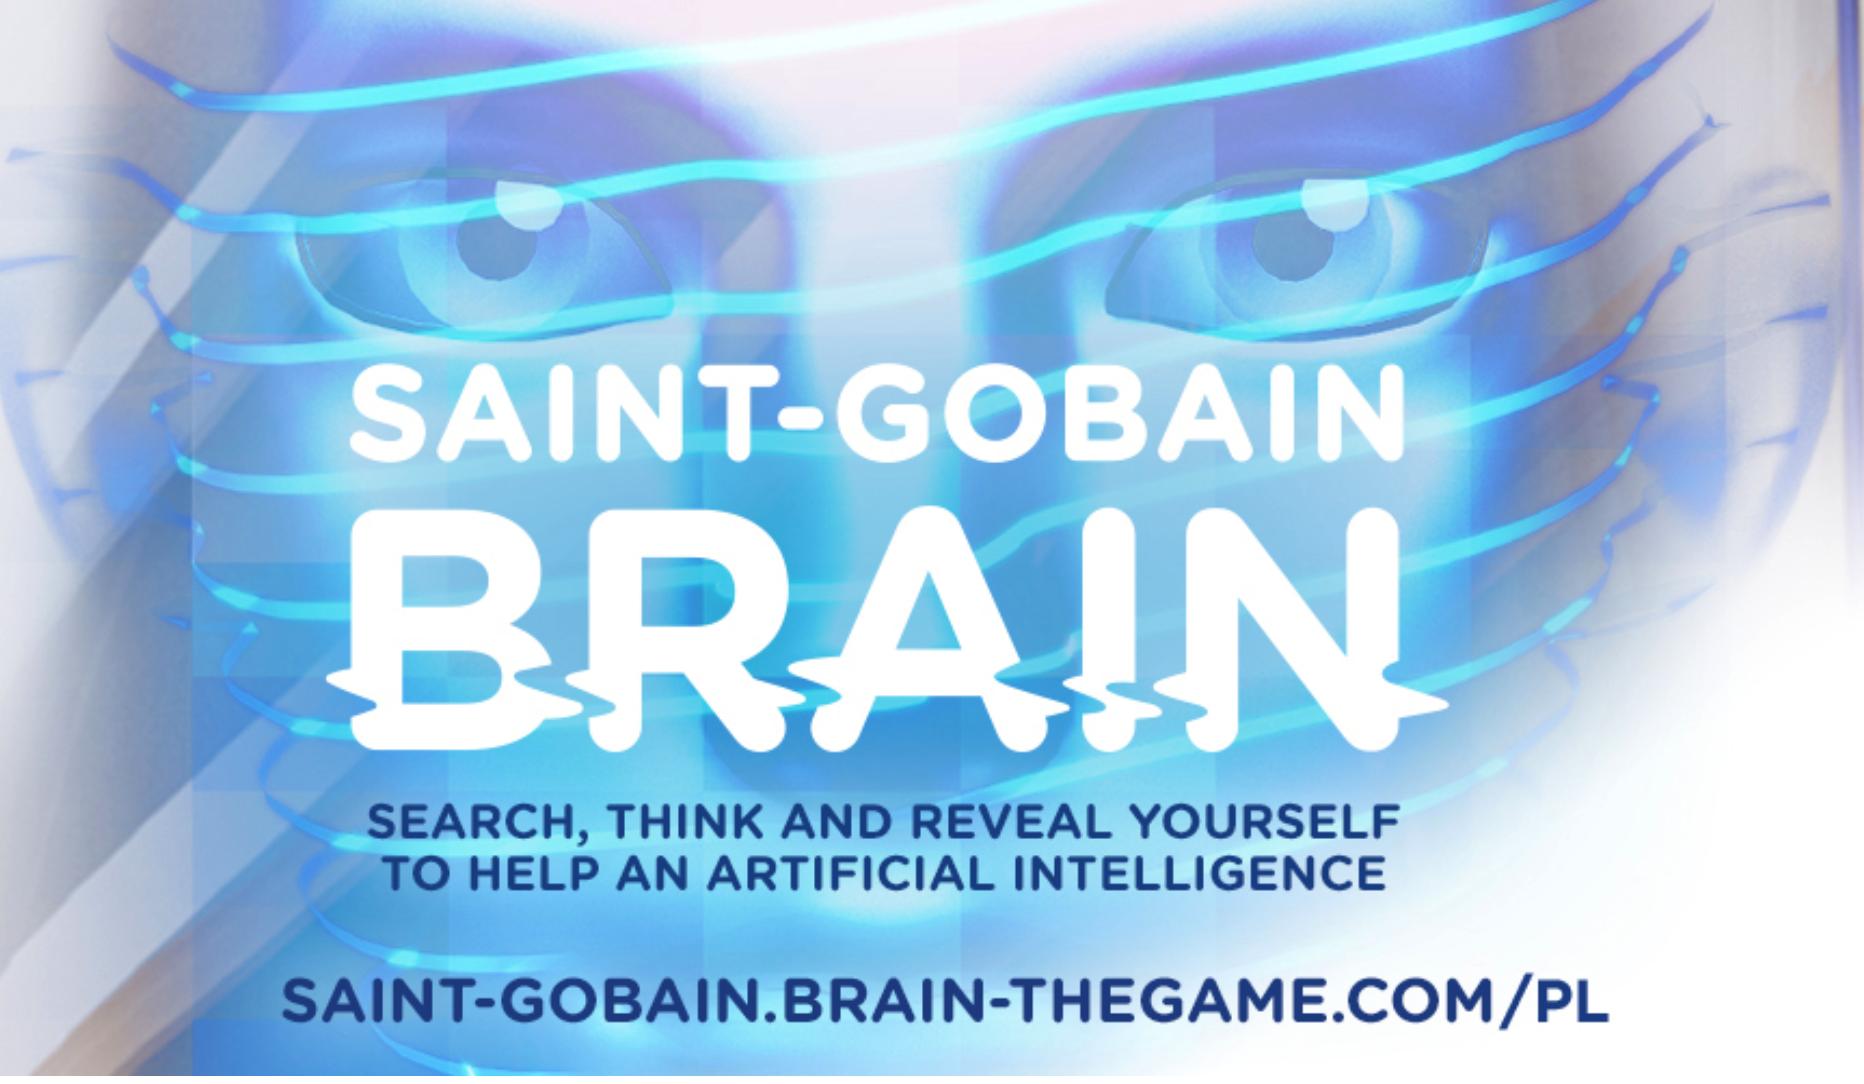 Zagraj z Saint-Gobain BRAIN w szczytnym celu